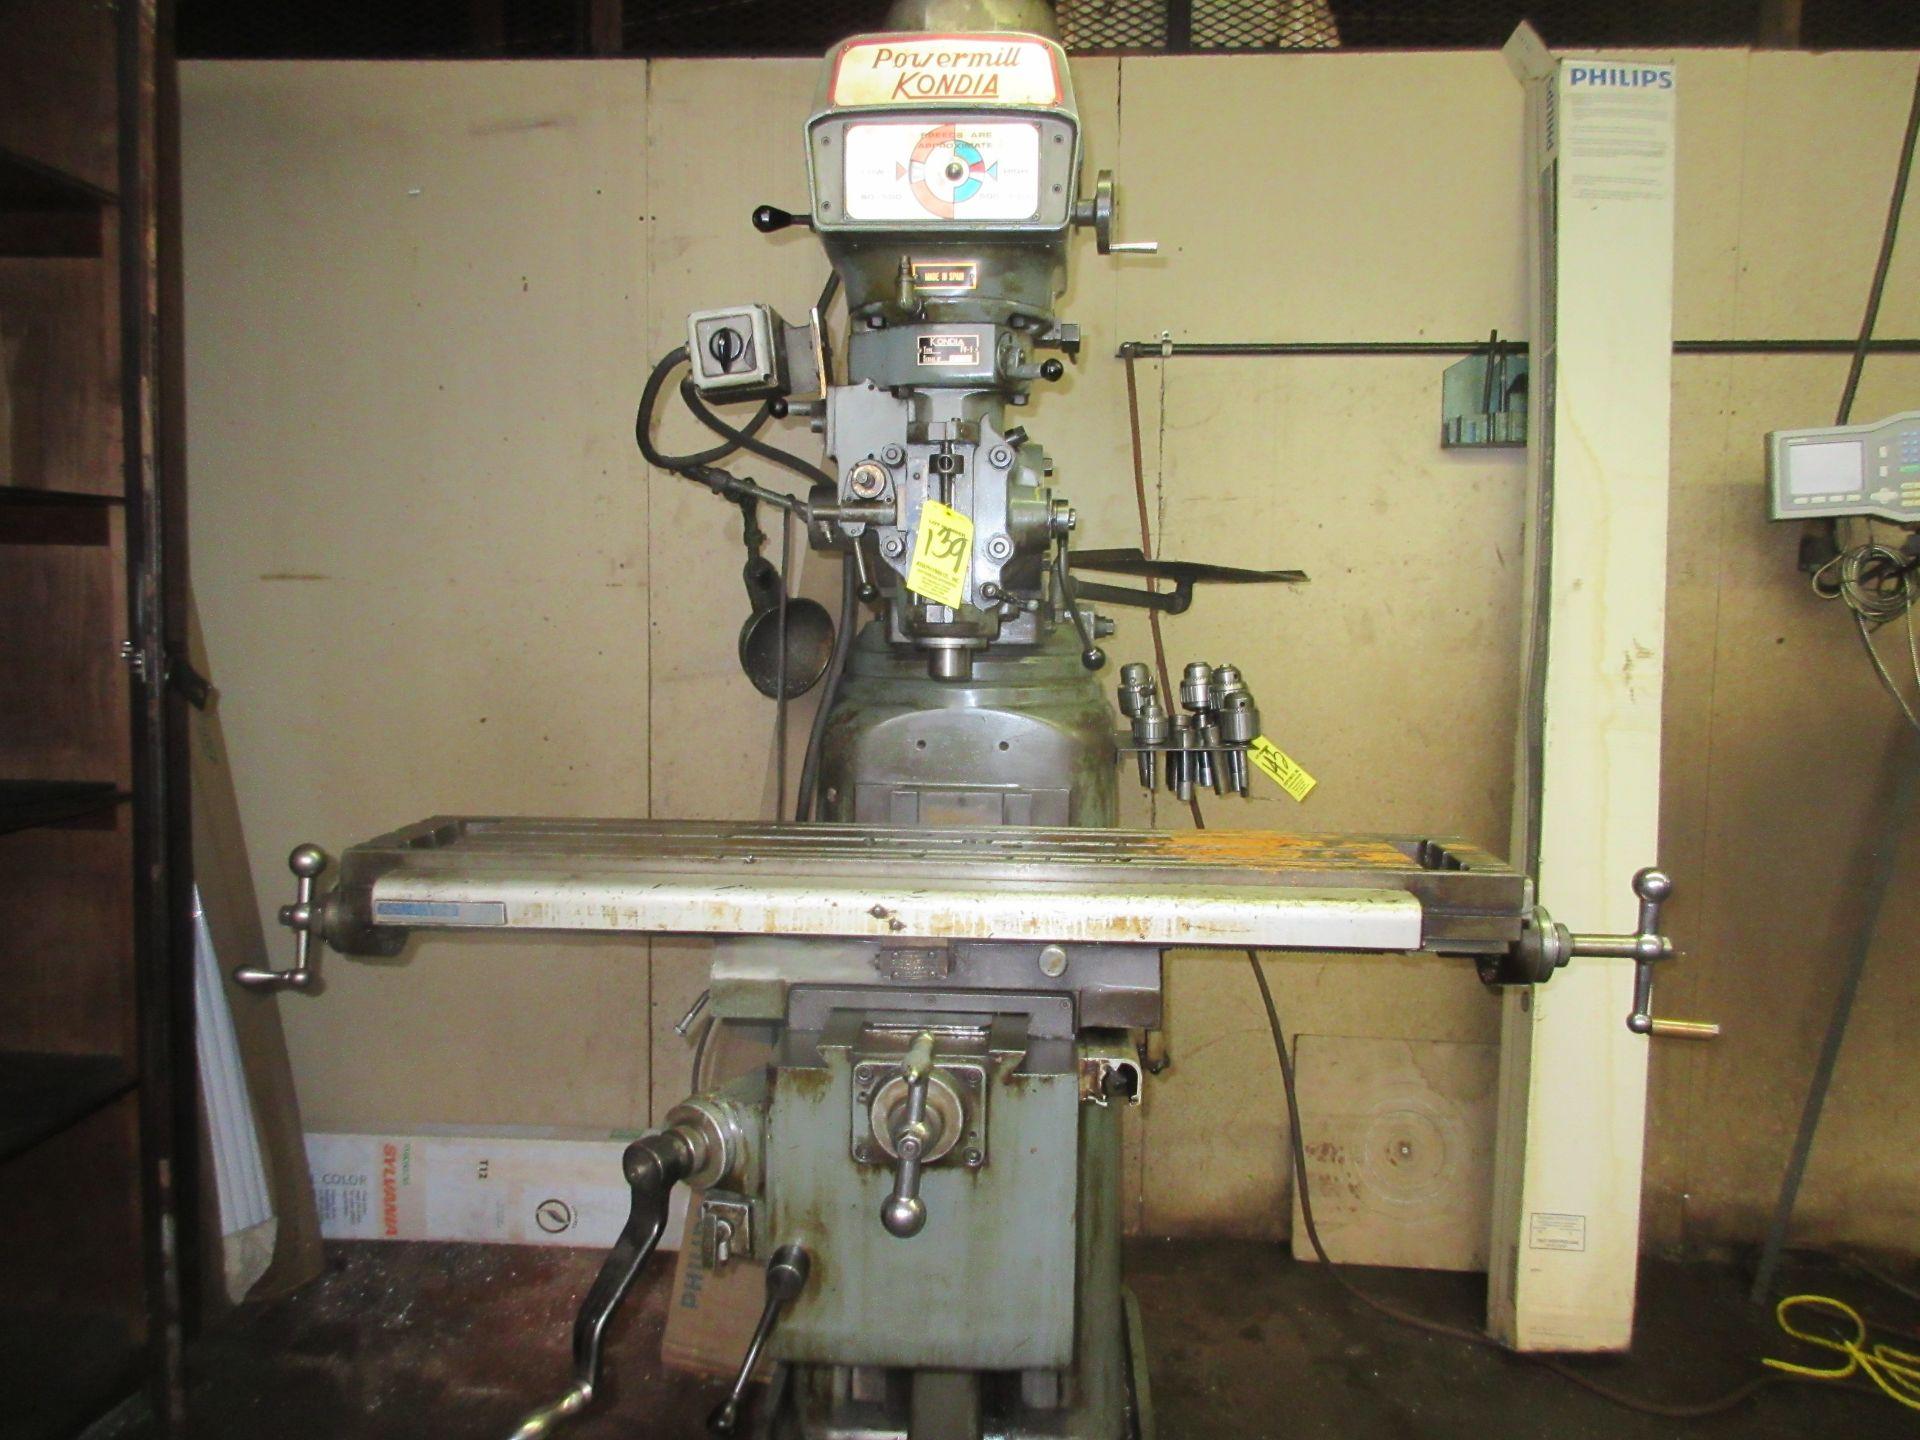 (1) Kondia Powermill FV-1 Vertical Miller S/N M358